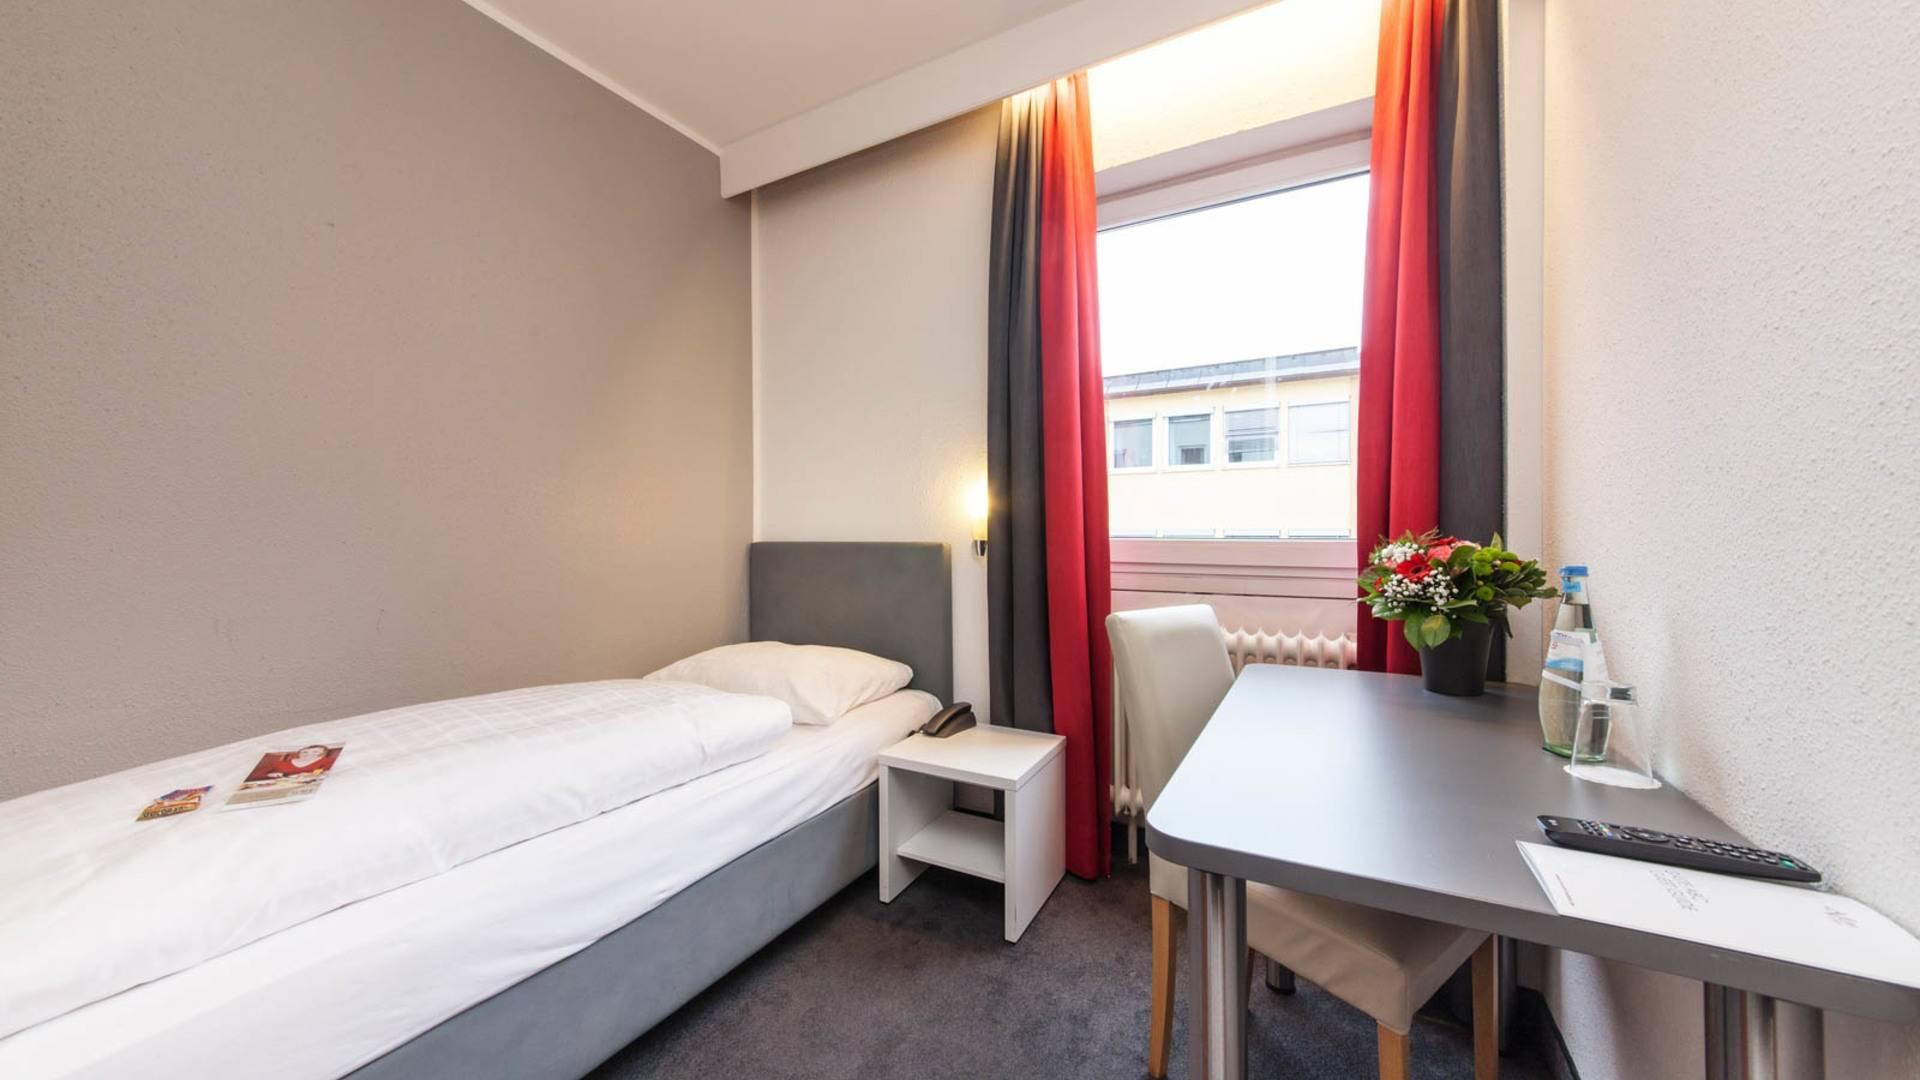 Отели в центре мюнхена, германия - отзывы 2021 [топ-обзор]